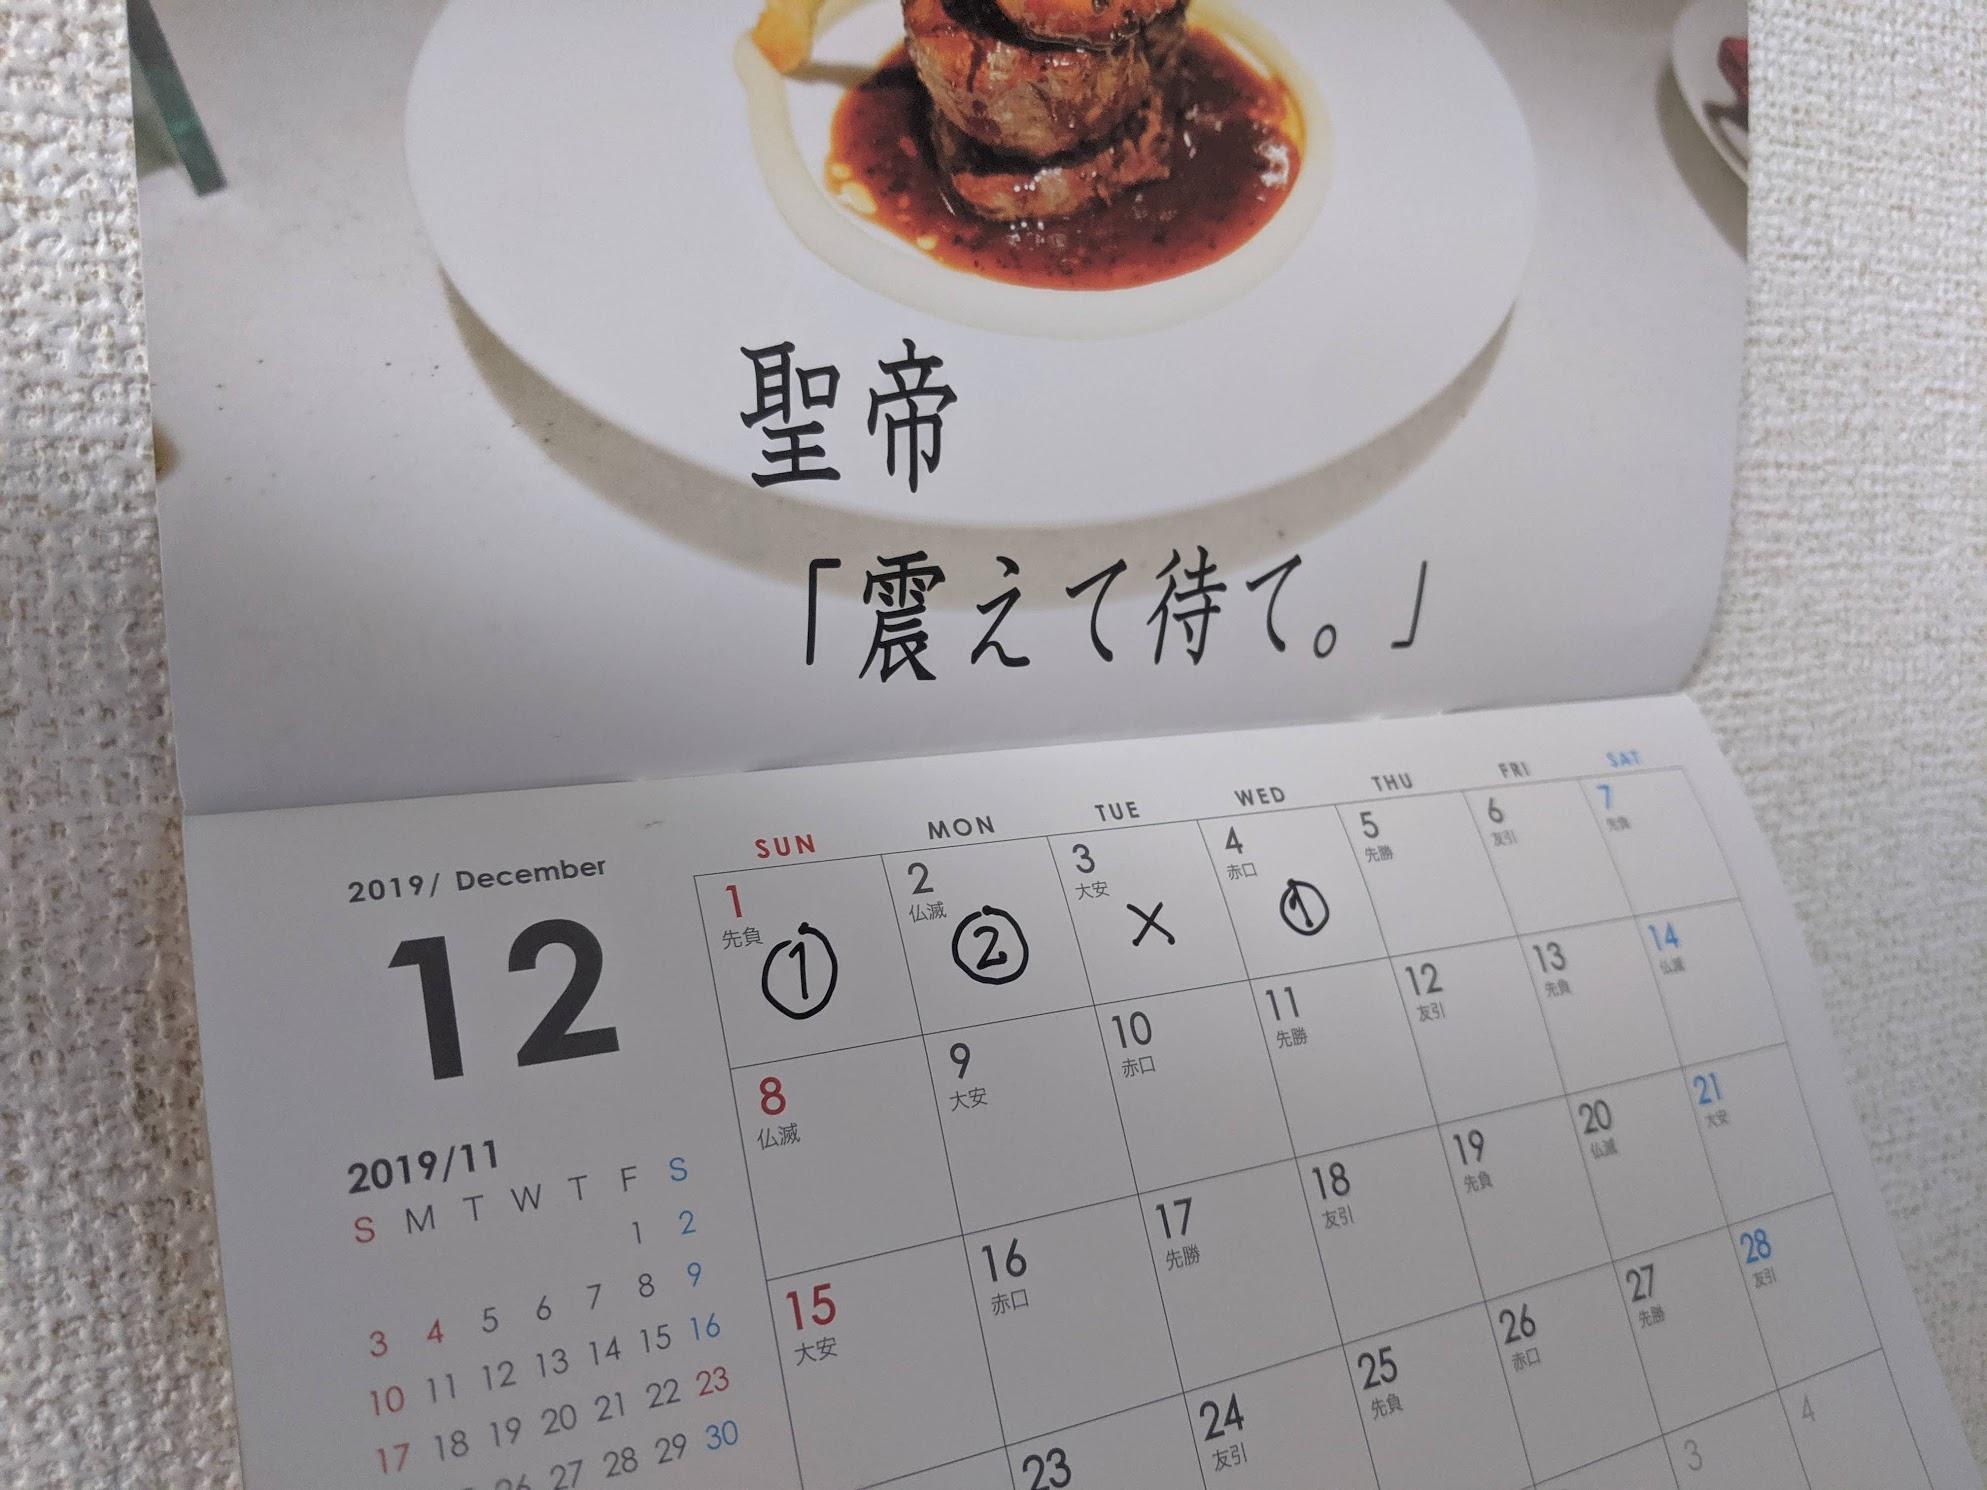 【オナ禁カレンダーの使い方】ただのカレンダーじゃない!オナ禁を継続するための道具。